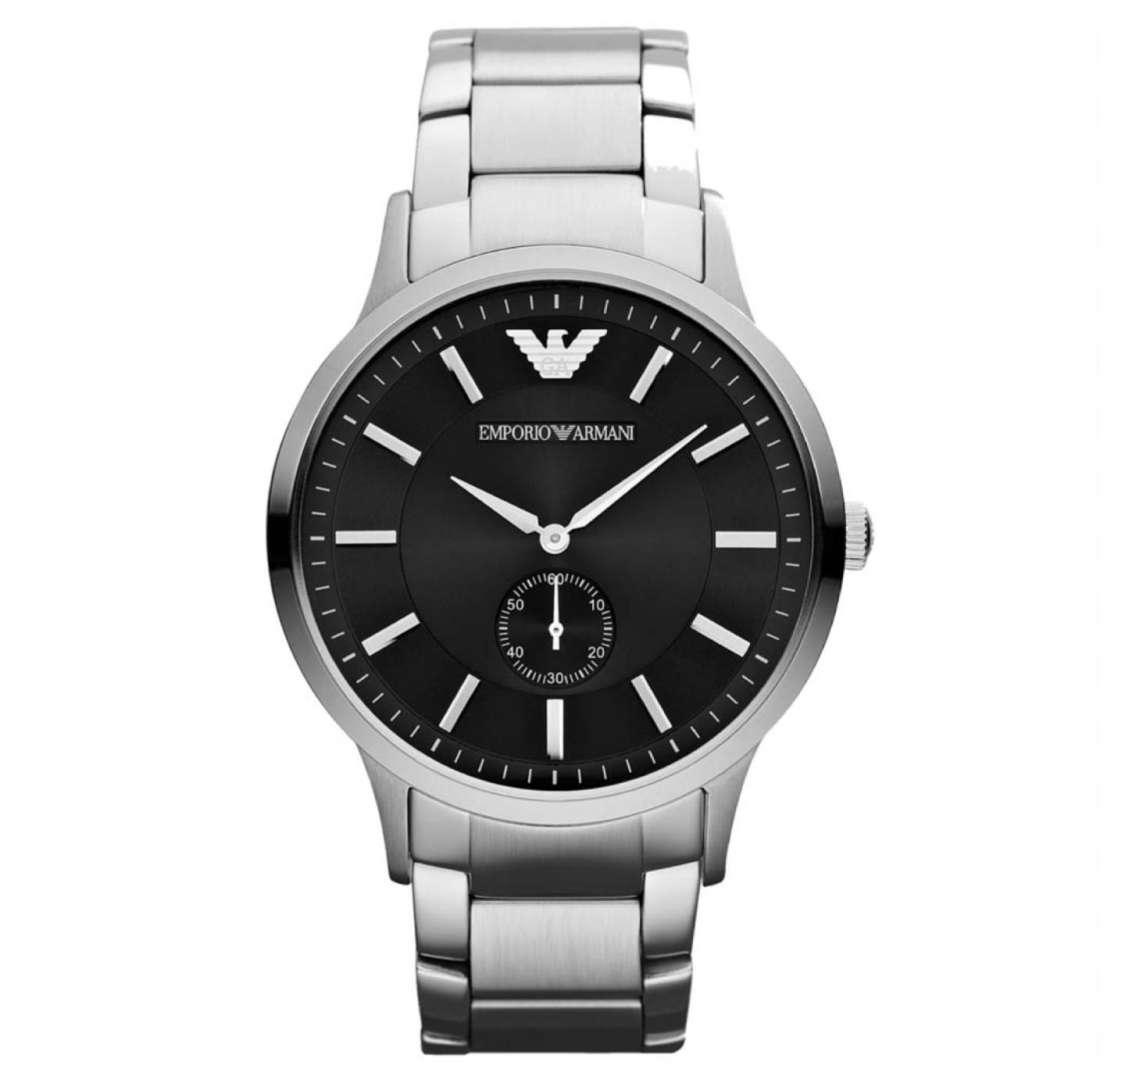 שעון יד אנלוגי לגבר emporio armani ar9107m אמפוריו ארמני